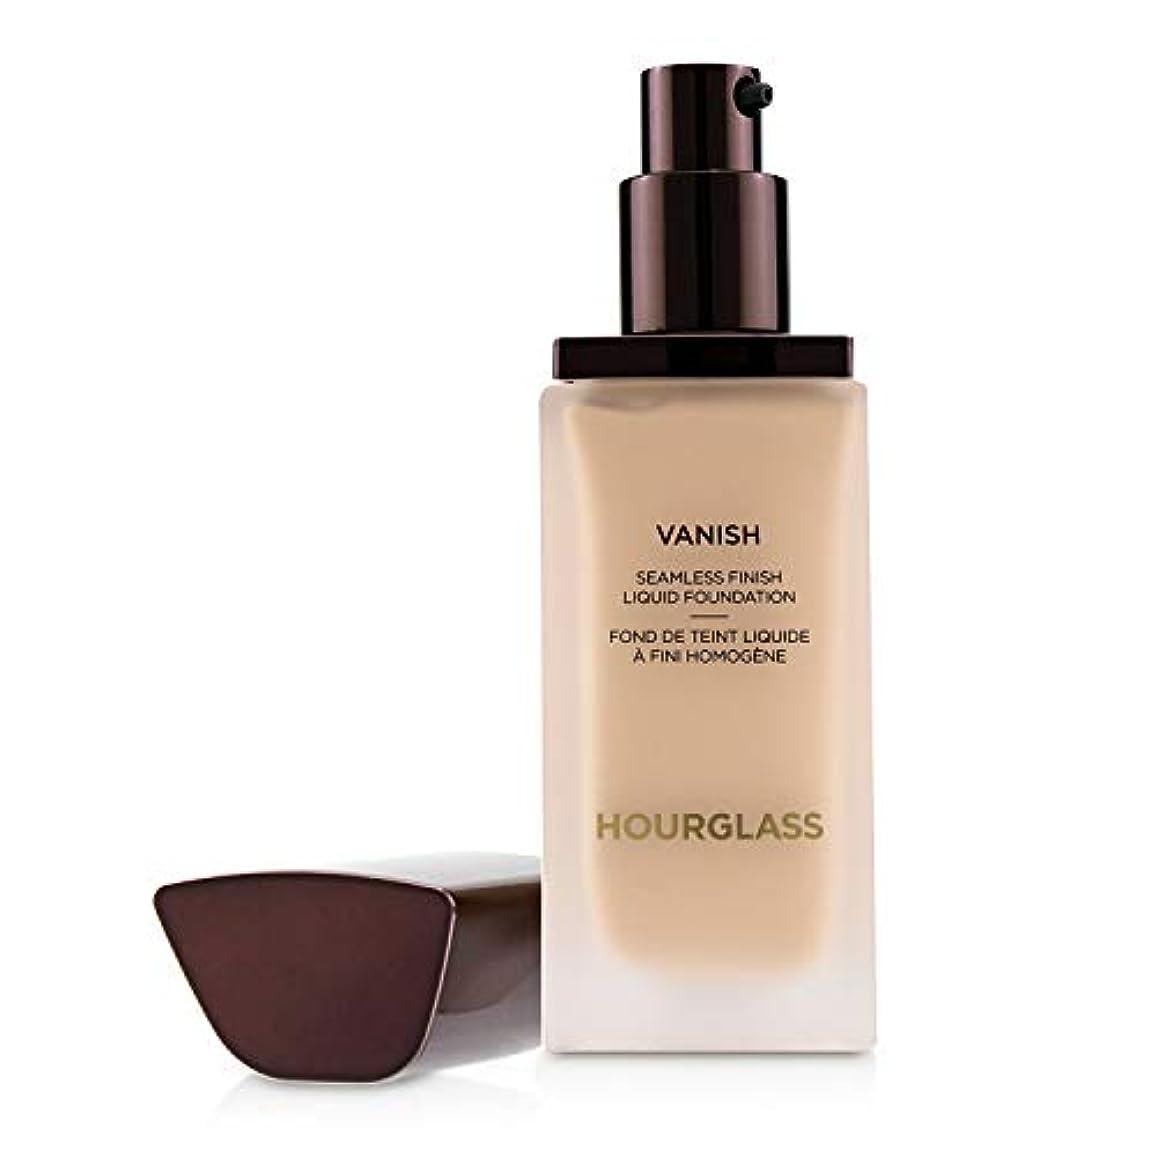 リー俳句小説アワーグラス Vanish Seamless Finish Liquid Foundation - # Cream 25ml/0.84oz並行輸入品